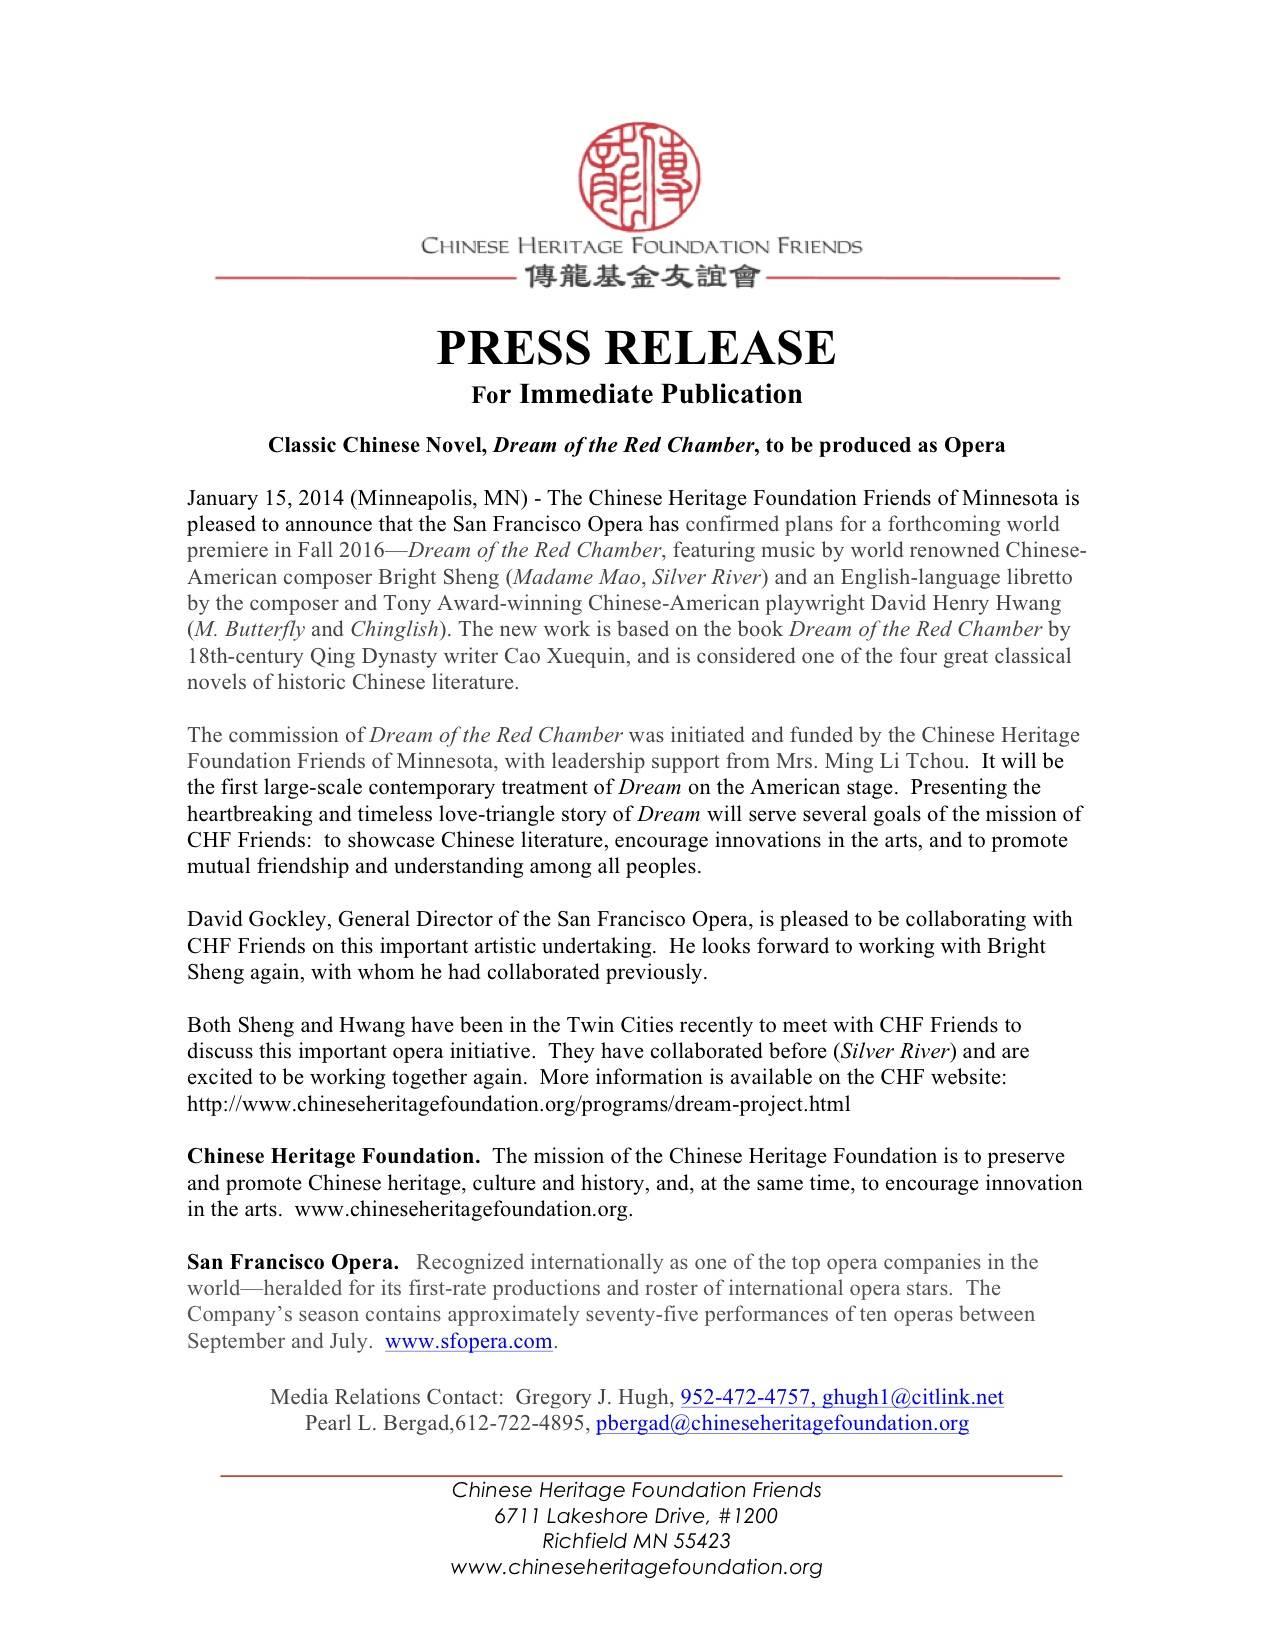 2014 Dream Press Release